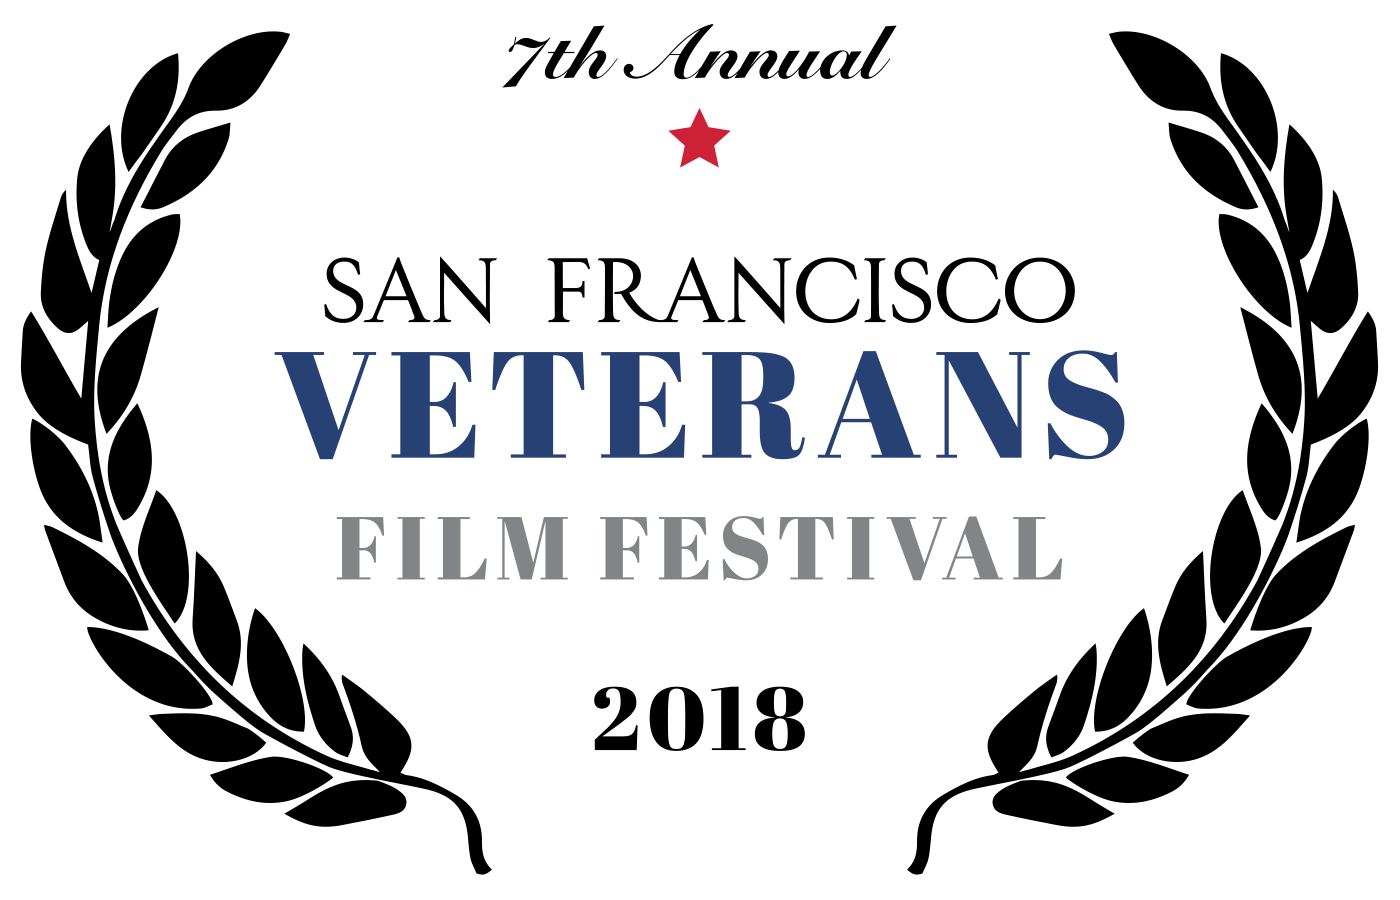 SF Veterans Film Festival - Logo 2018 (RGB).png